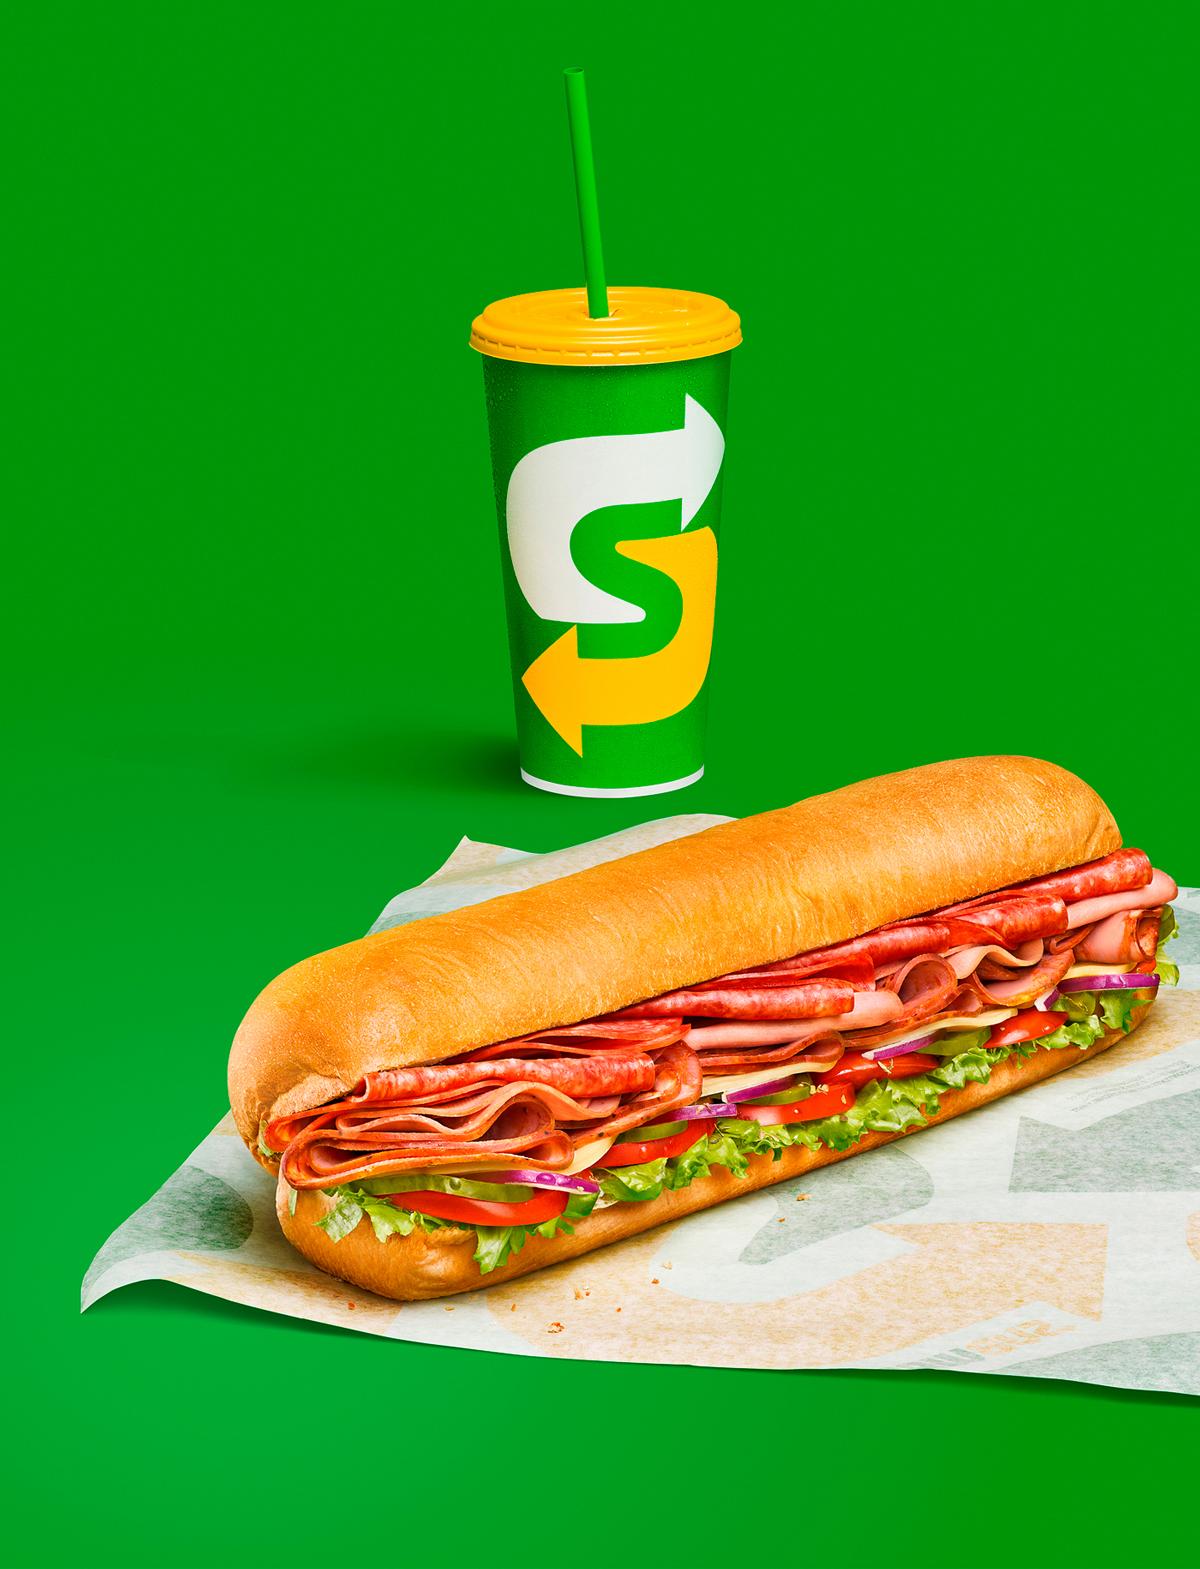 креативная реклама от Subway